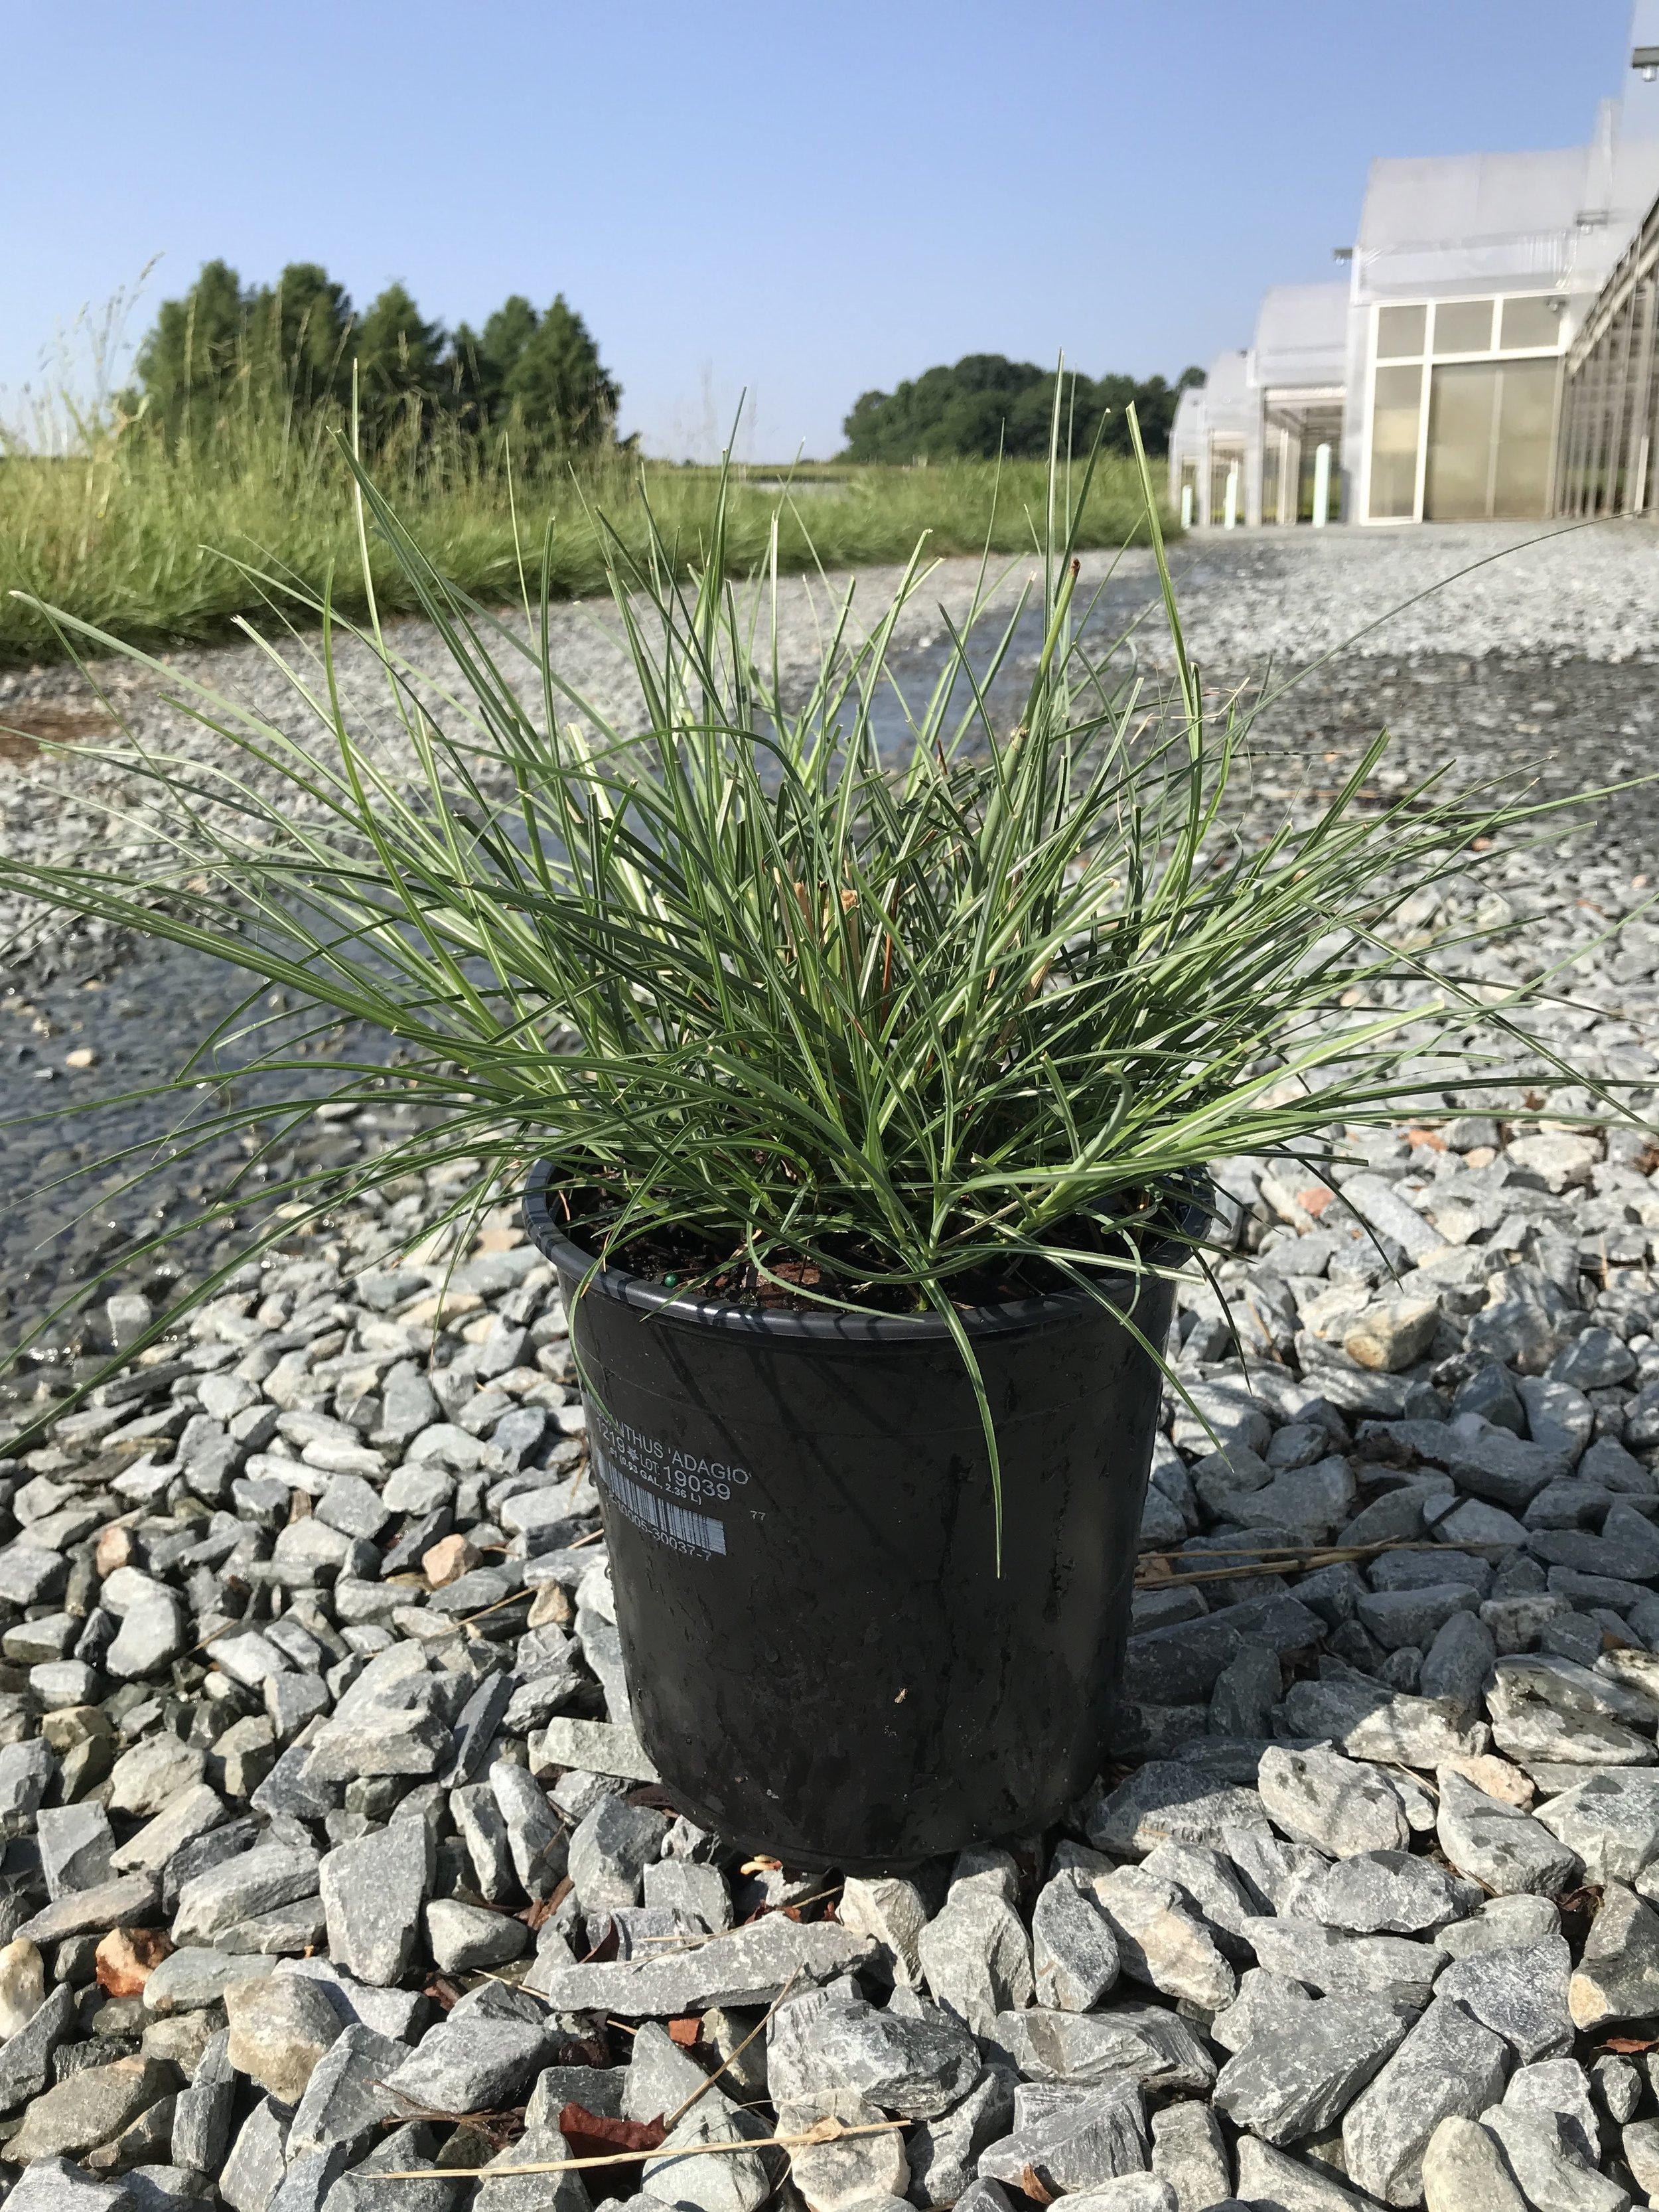 Miscanthus sinensis 'Adagio' 1 gallon